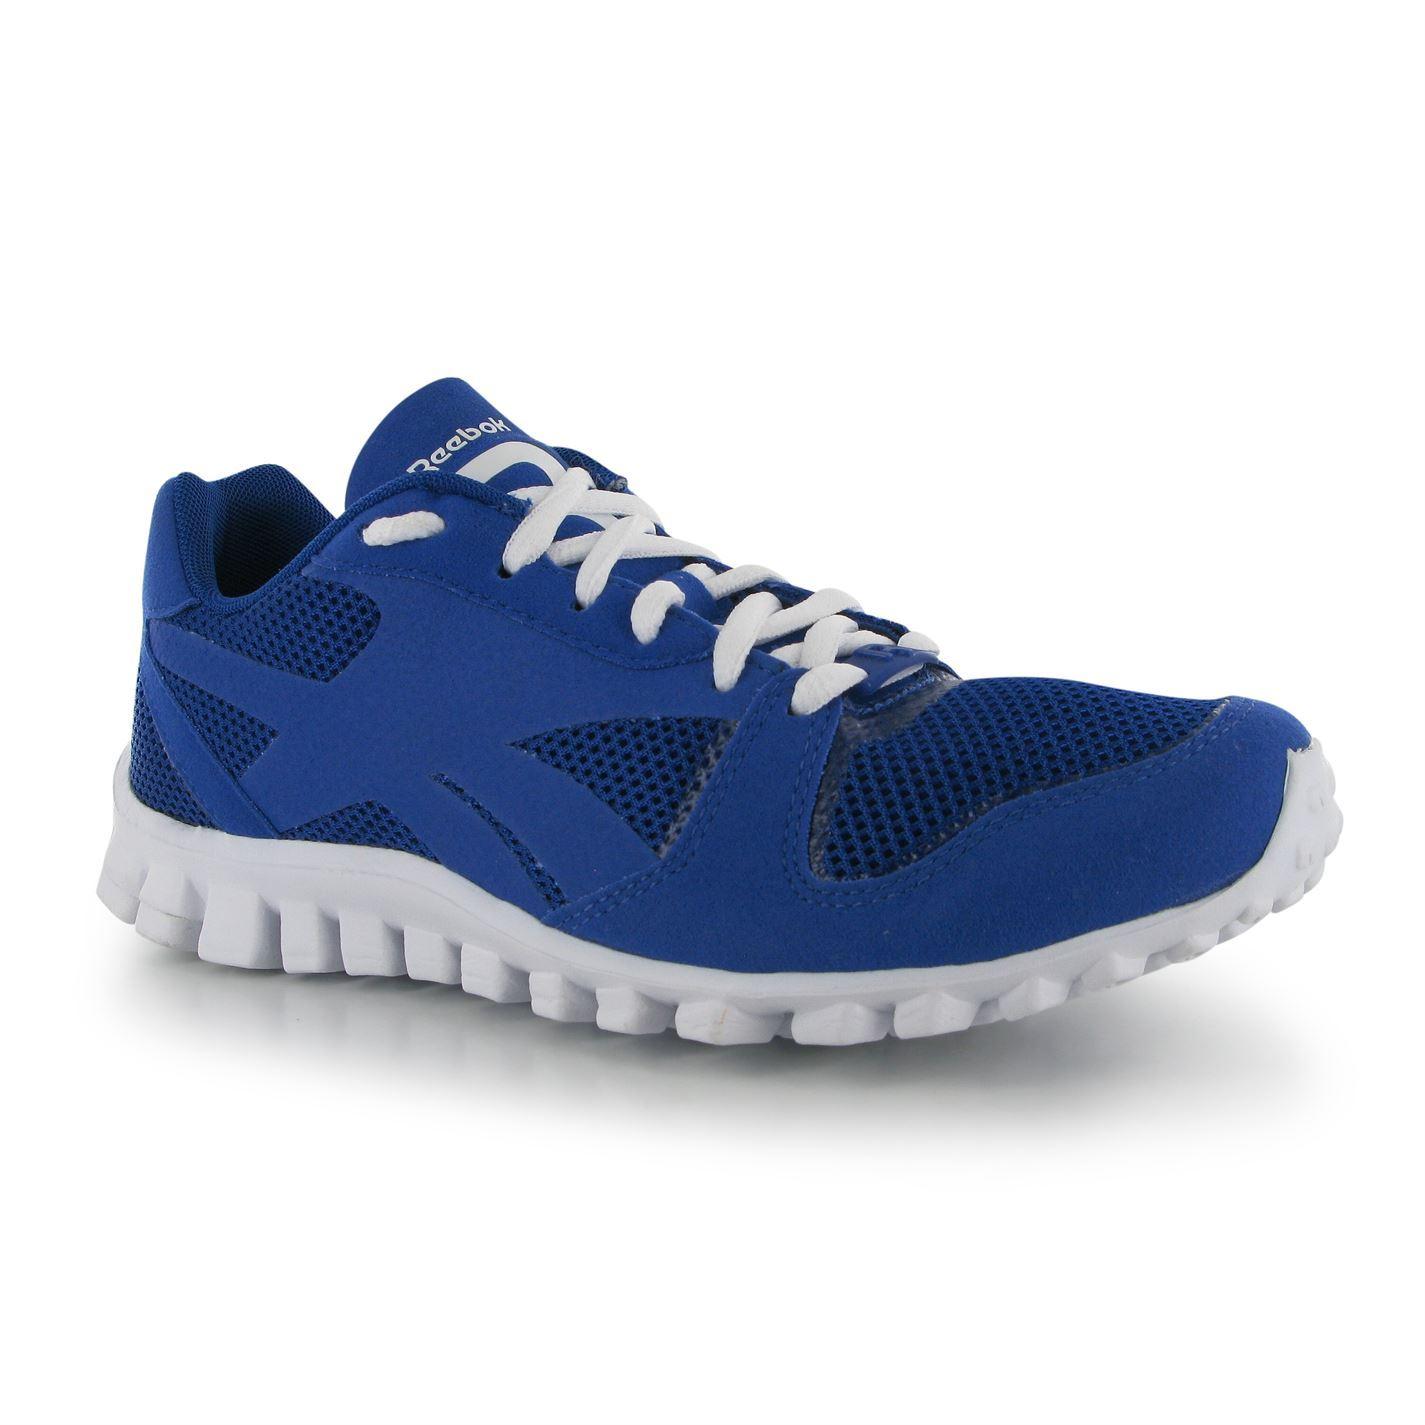 Reebok Realflex Runner Running Shoes Trainers Womens ...